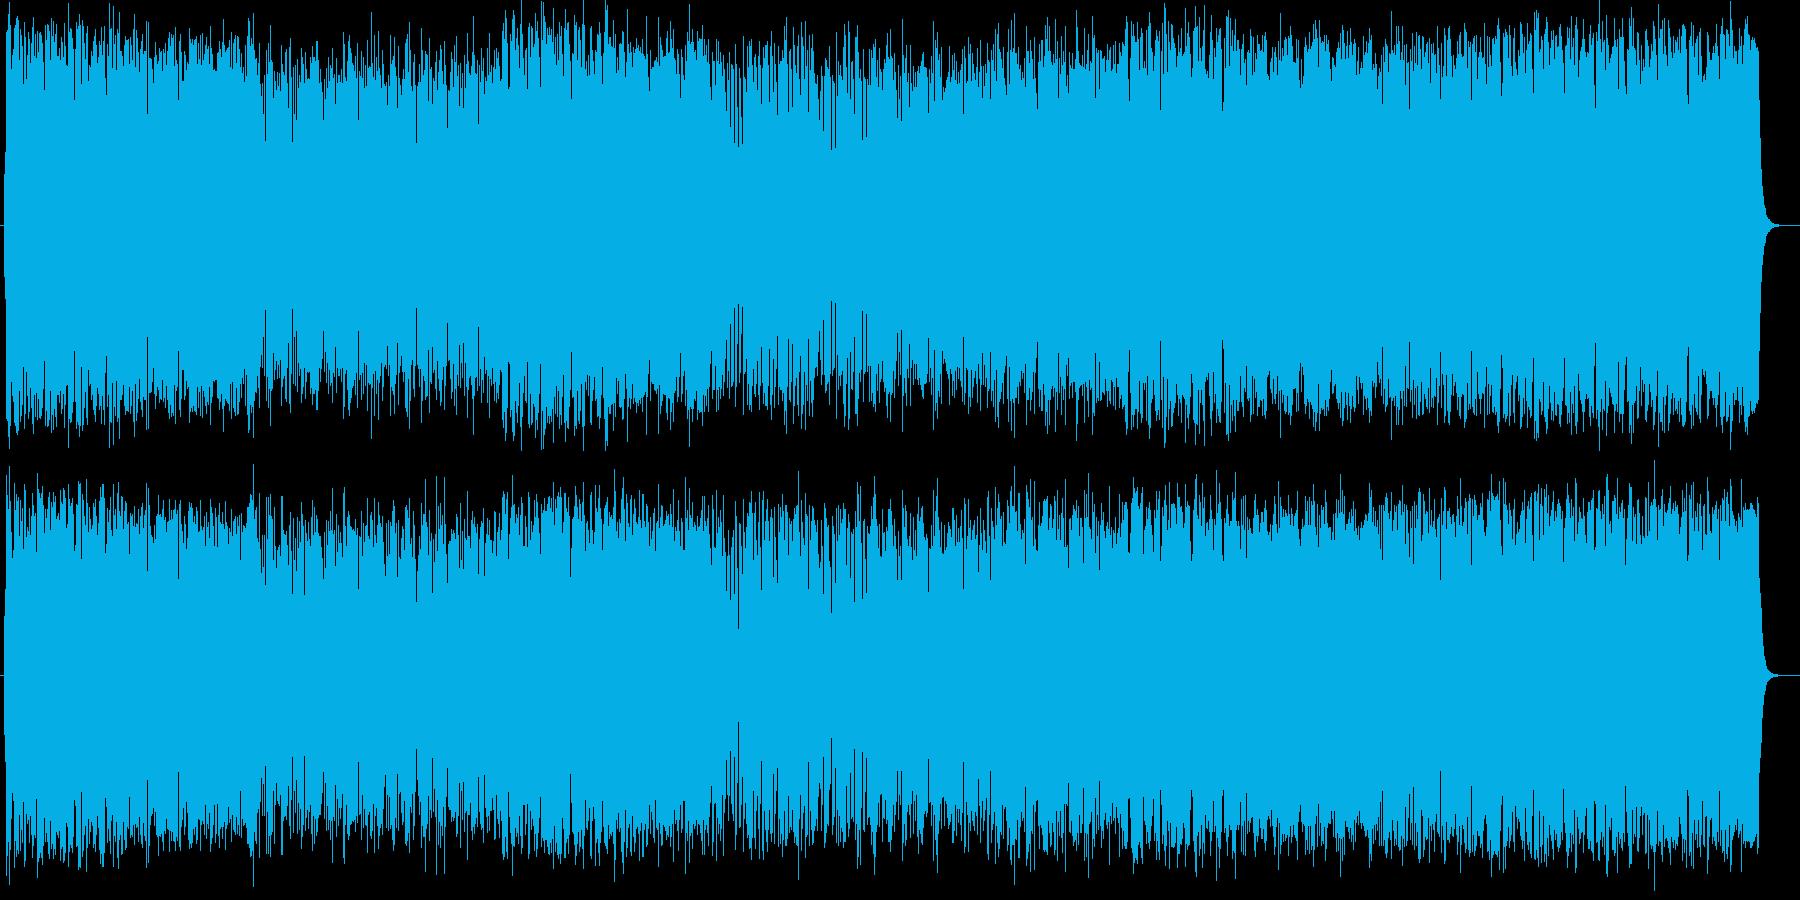 爽やかなポップスオーケストラの再生済みの波形